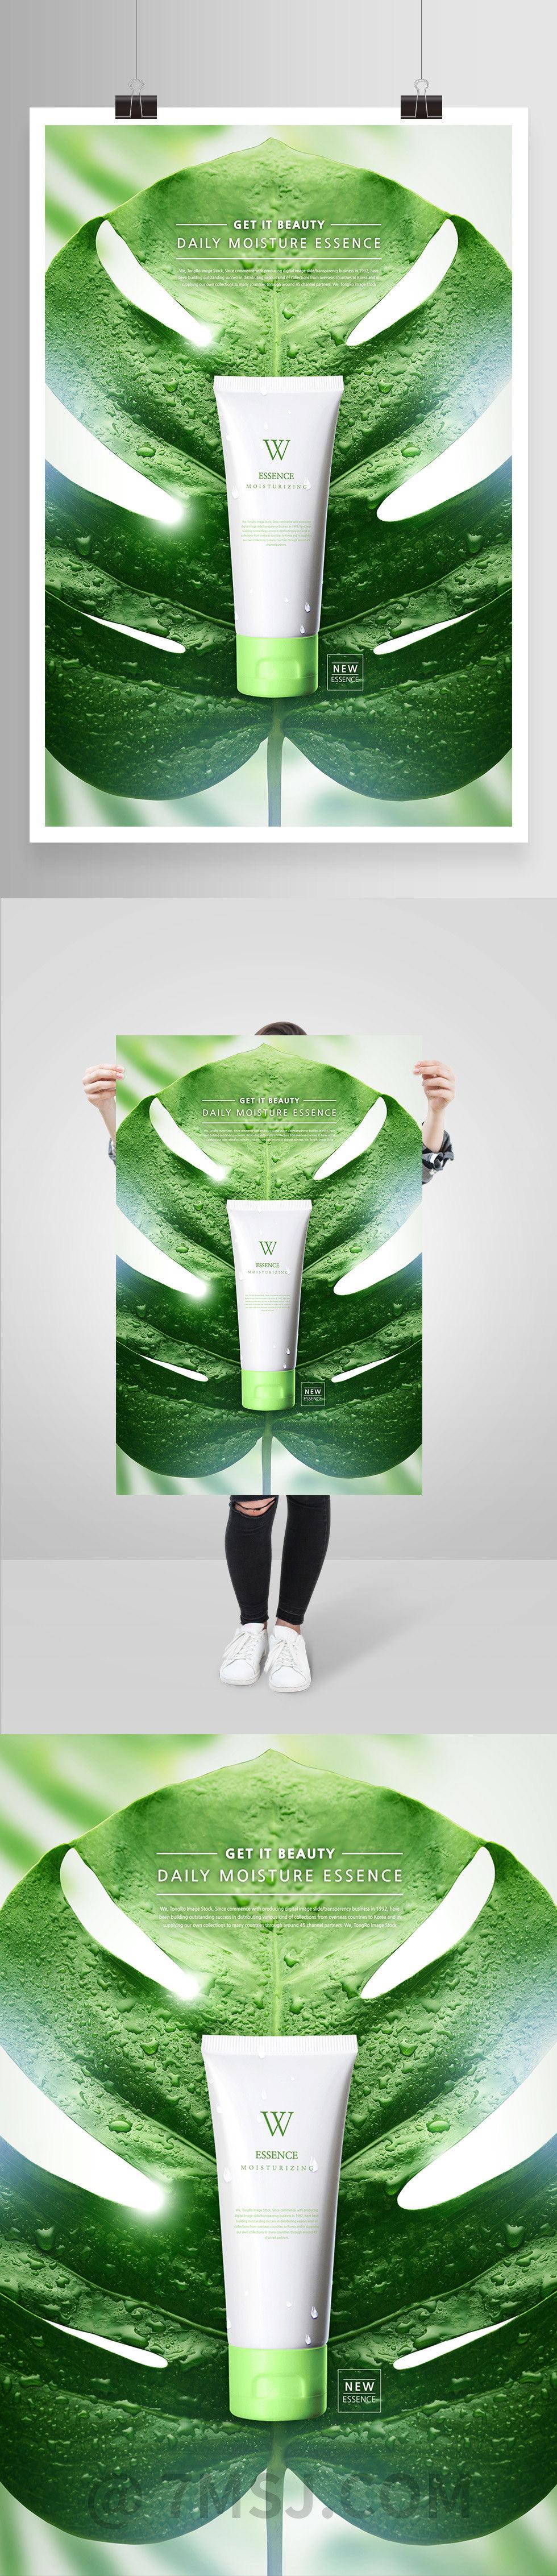 洁面乳洗面奶清洁护肤美容海报